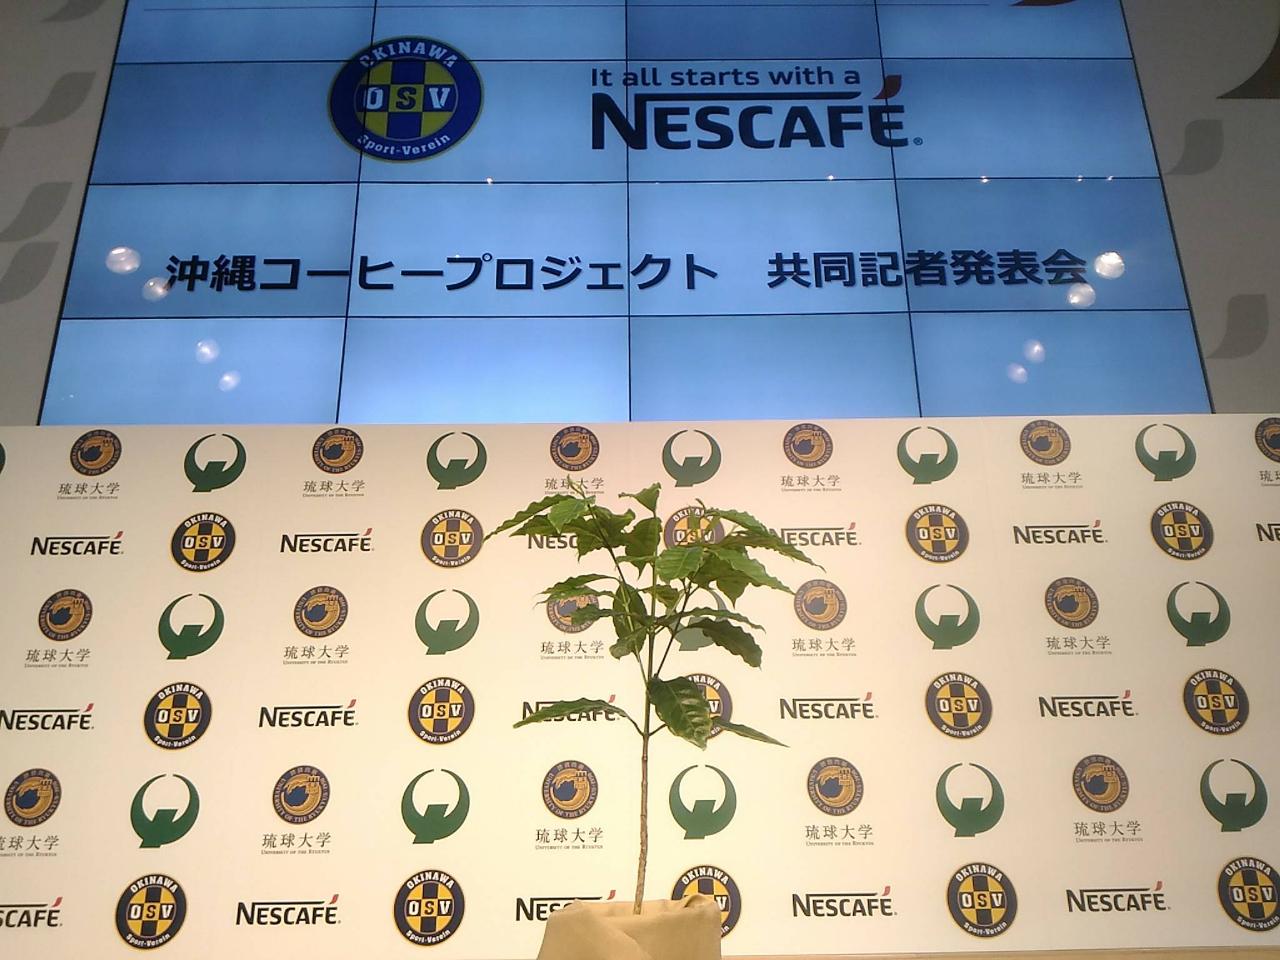 沖縄コーヒープロジェクト発表会